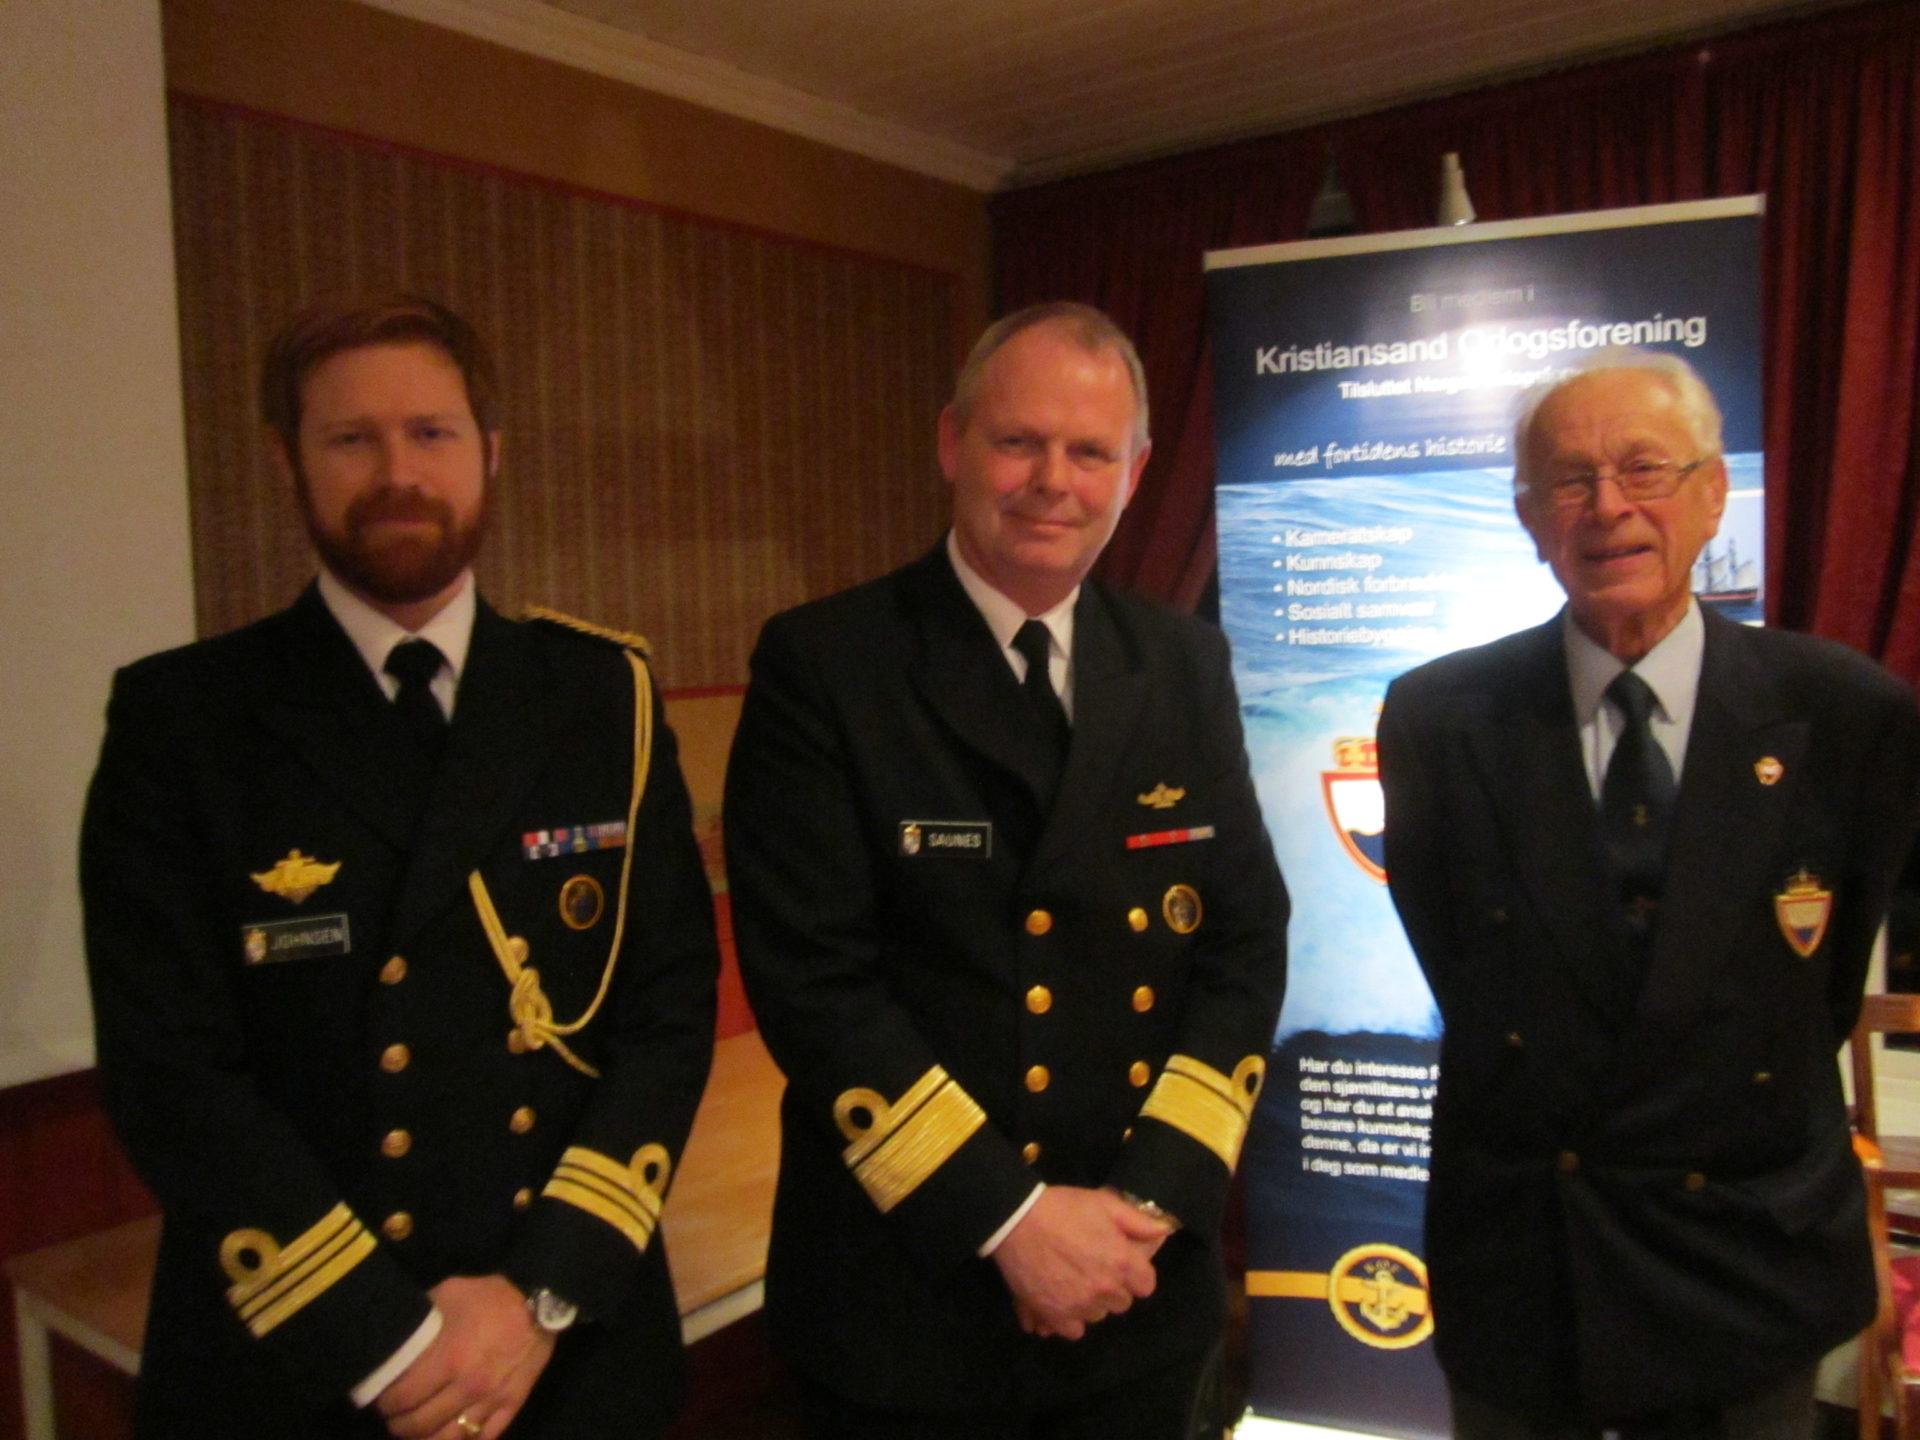 Besøk av Lars Saunes Generalinspektør for Sjøforsvaret